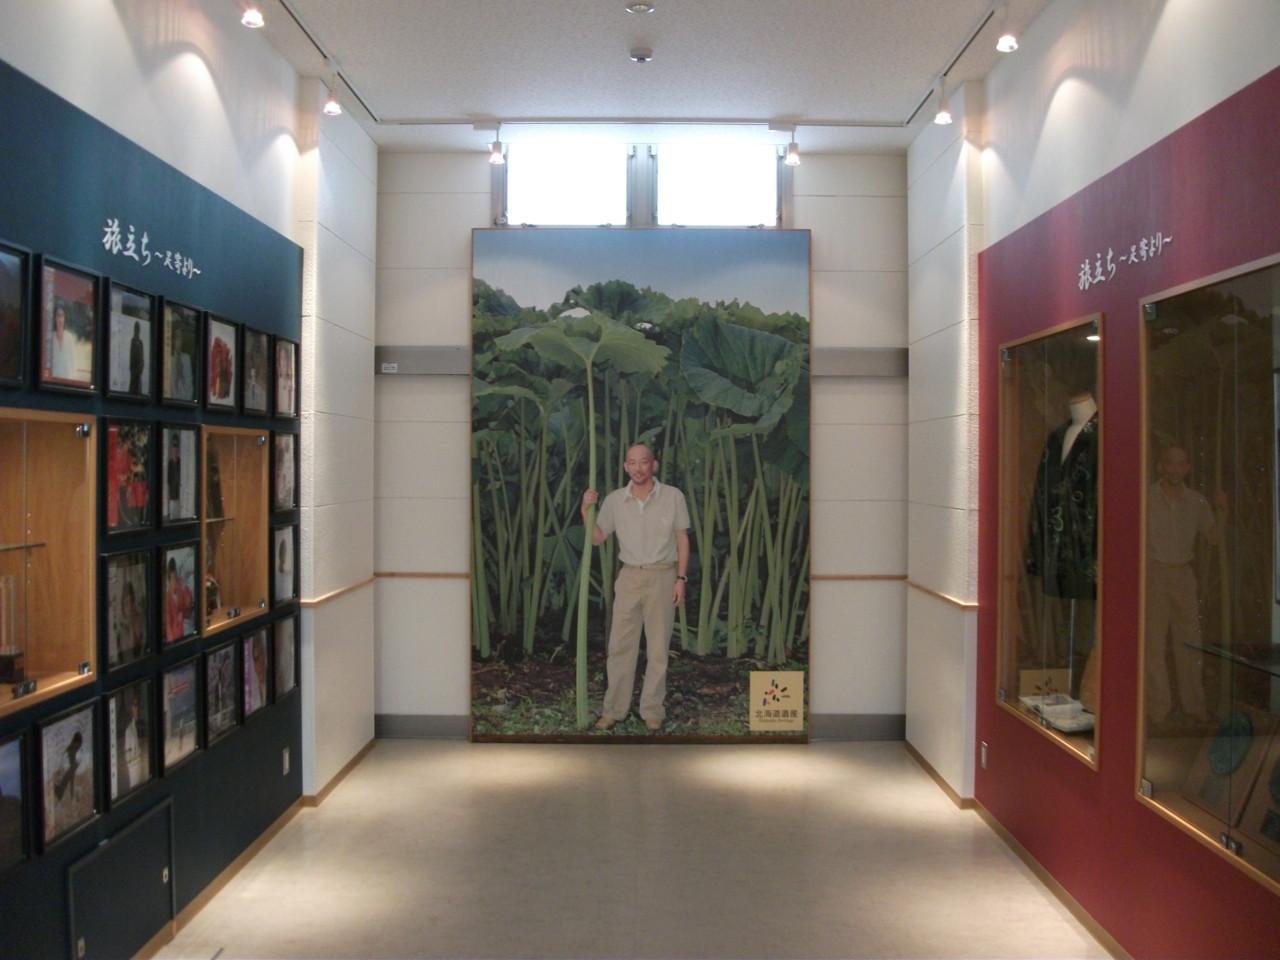 道の駅 あしょろ銀河ホール21 松山千春展示スペース